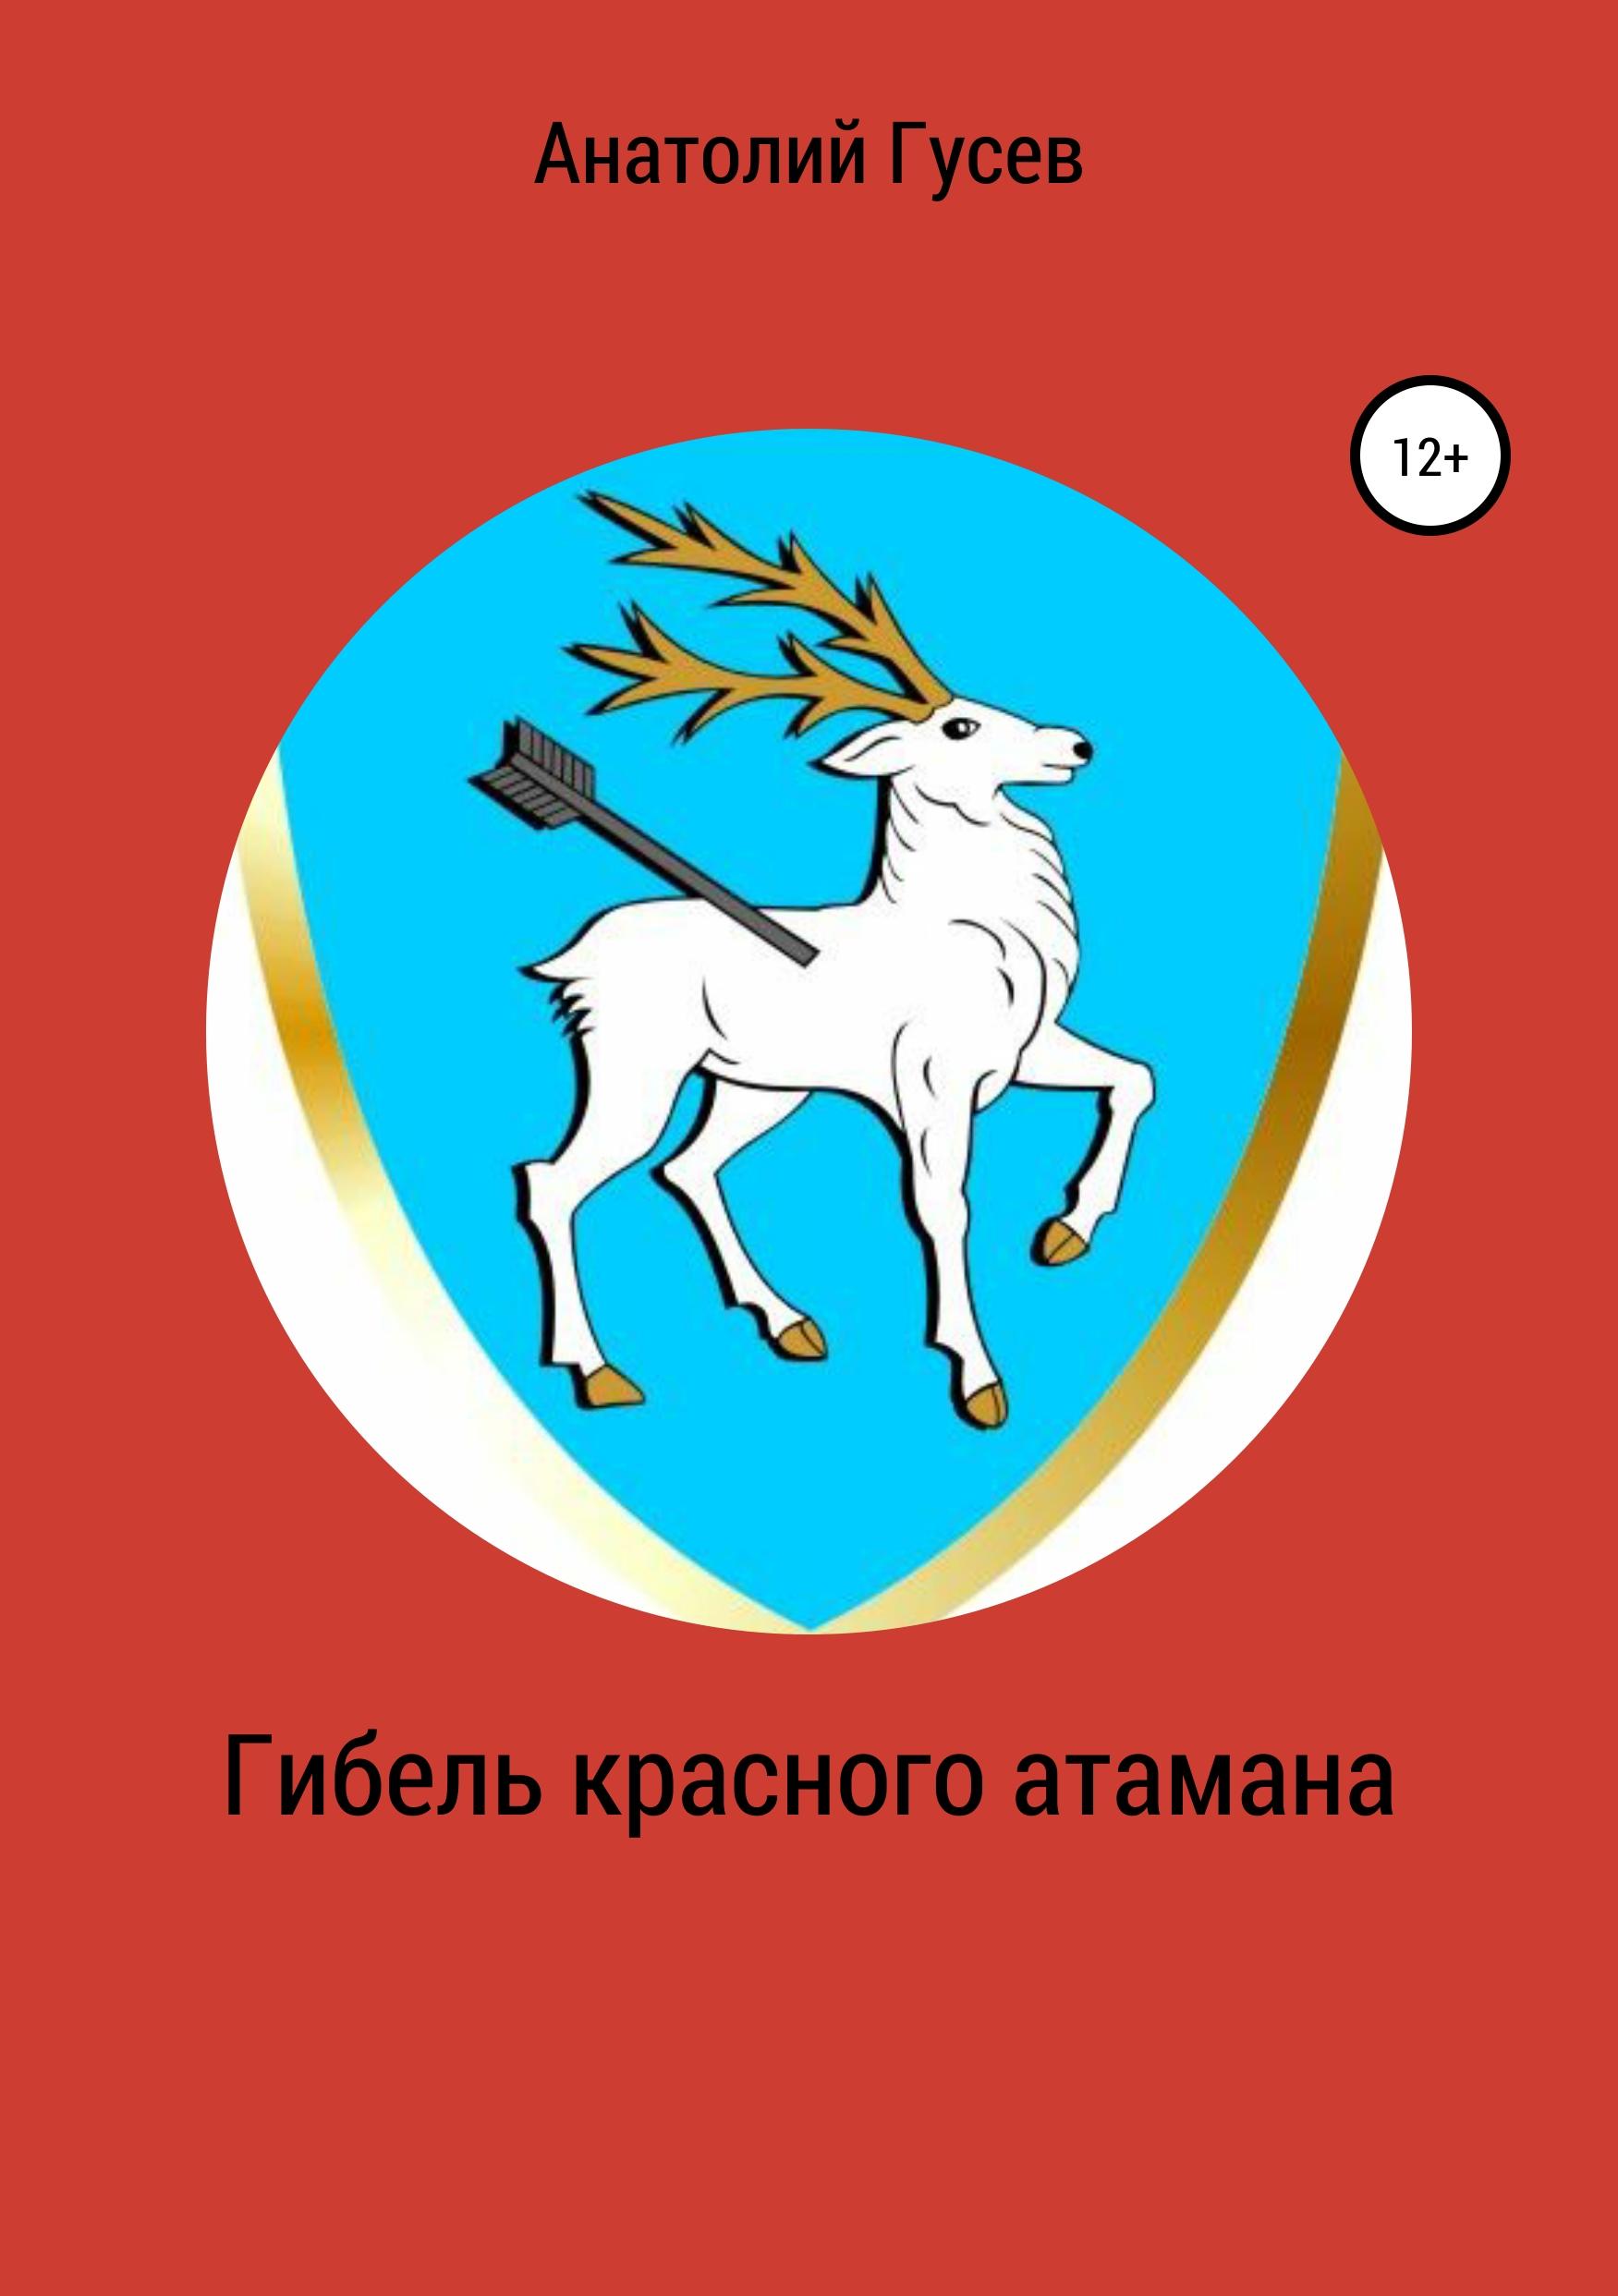 Анатолий Алексеевич Гусев Гибель красного атамана анатолий алексеевич гусев петух